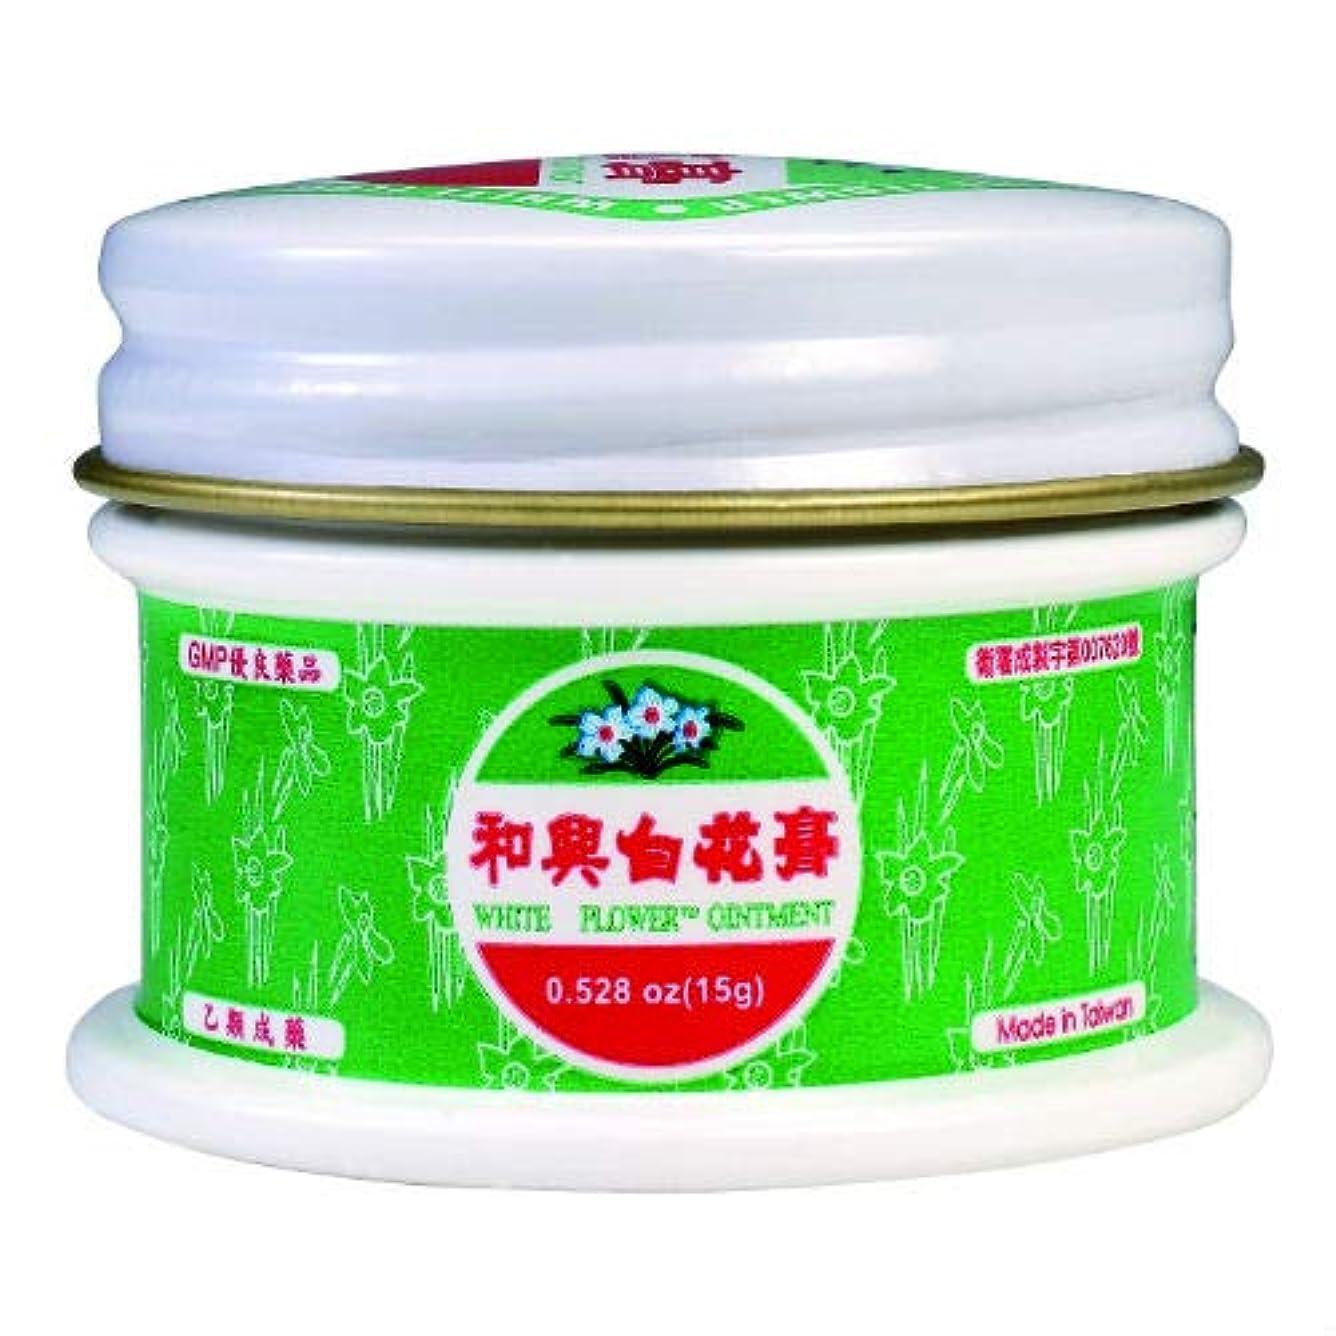 忘れっぽい拡声器マニュアル台湾 純正版 白花膏 15g( 白花油軟膏タイプ )